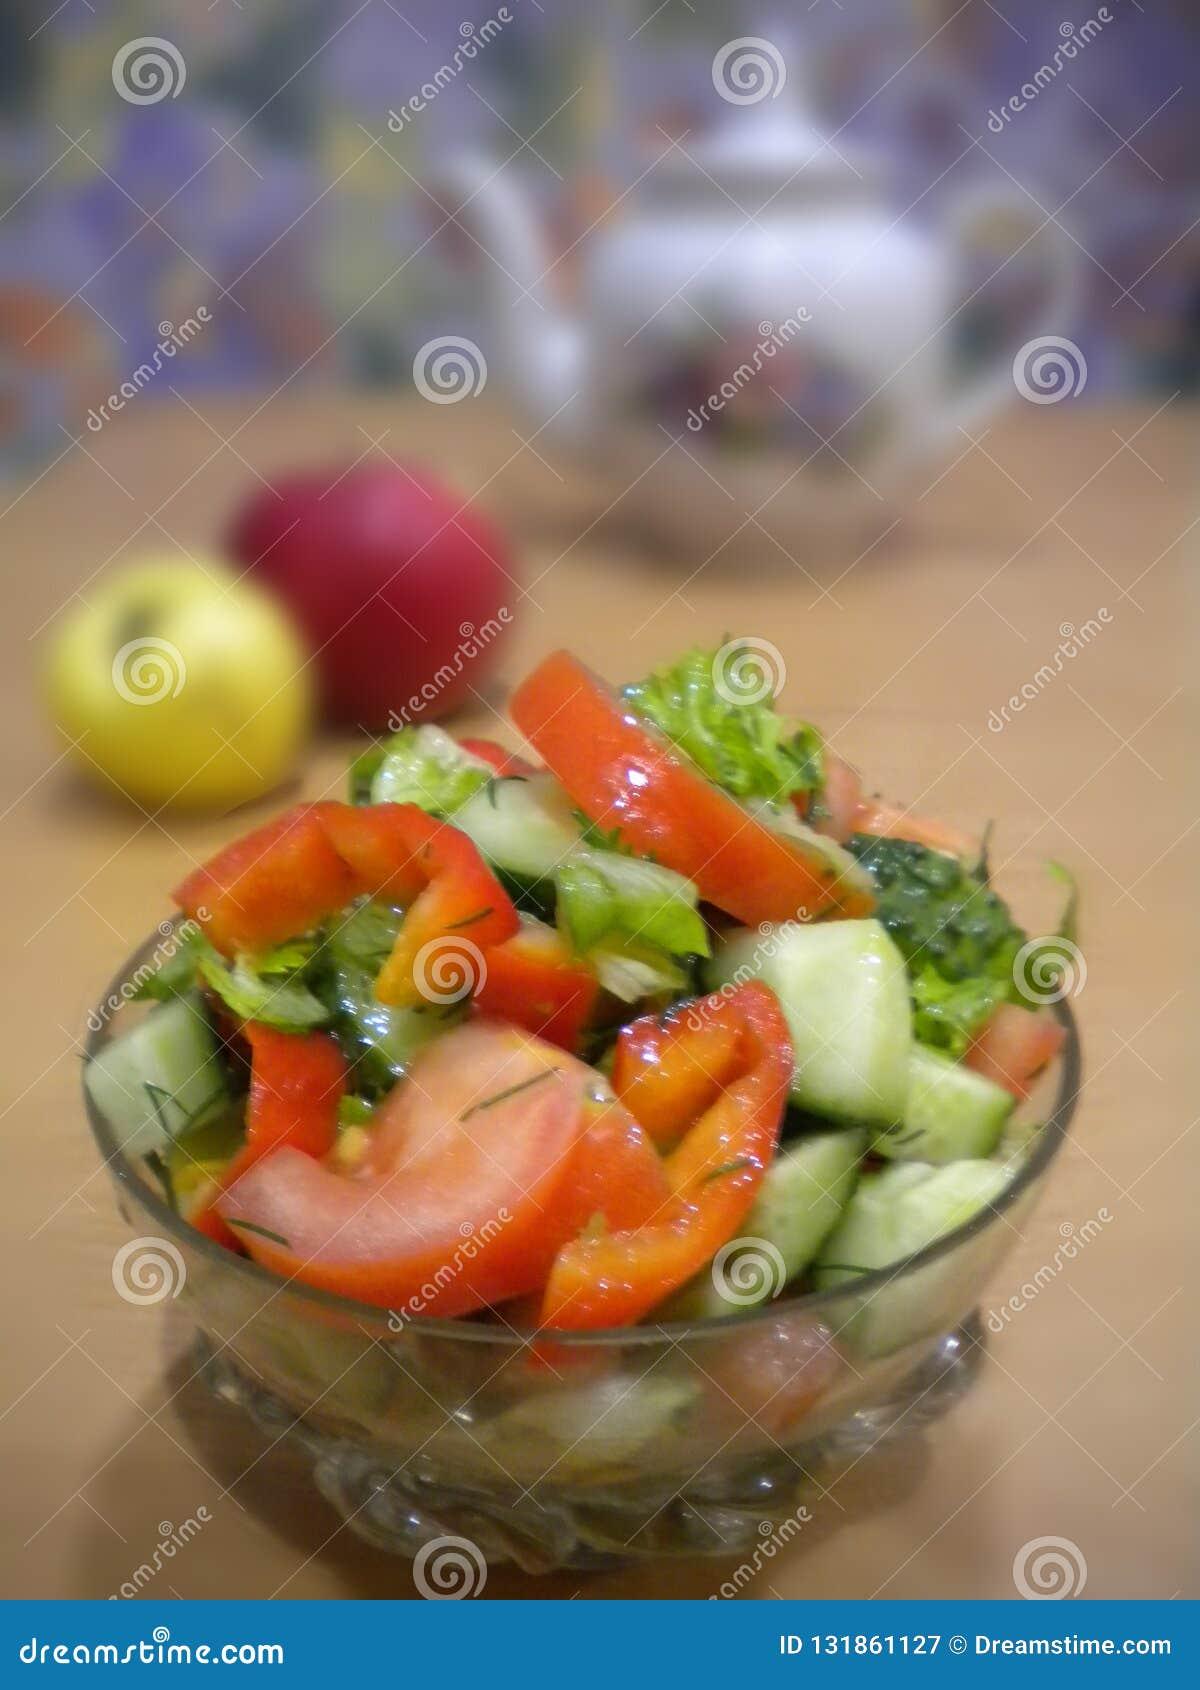 Lato zielona sałatka w krystalicznym pucharze warzywa